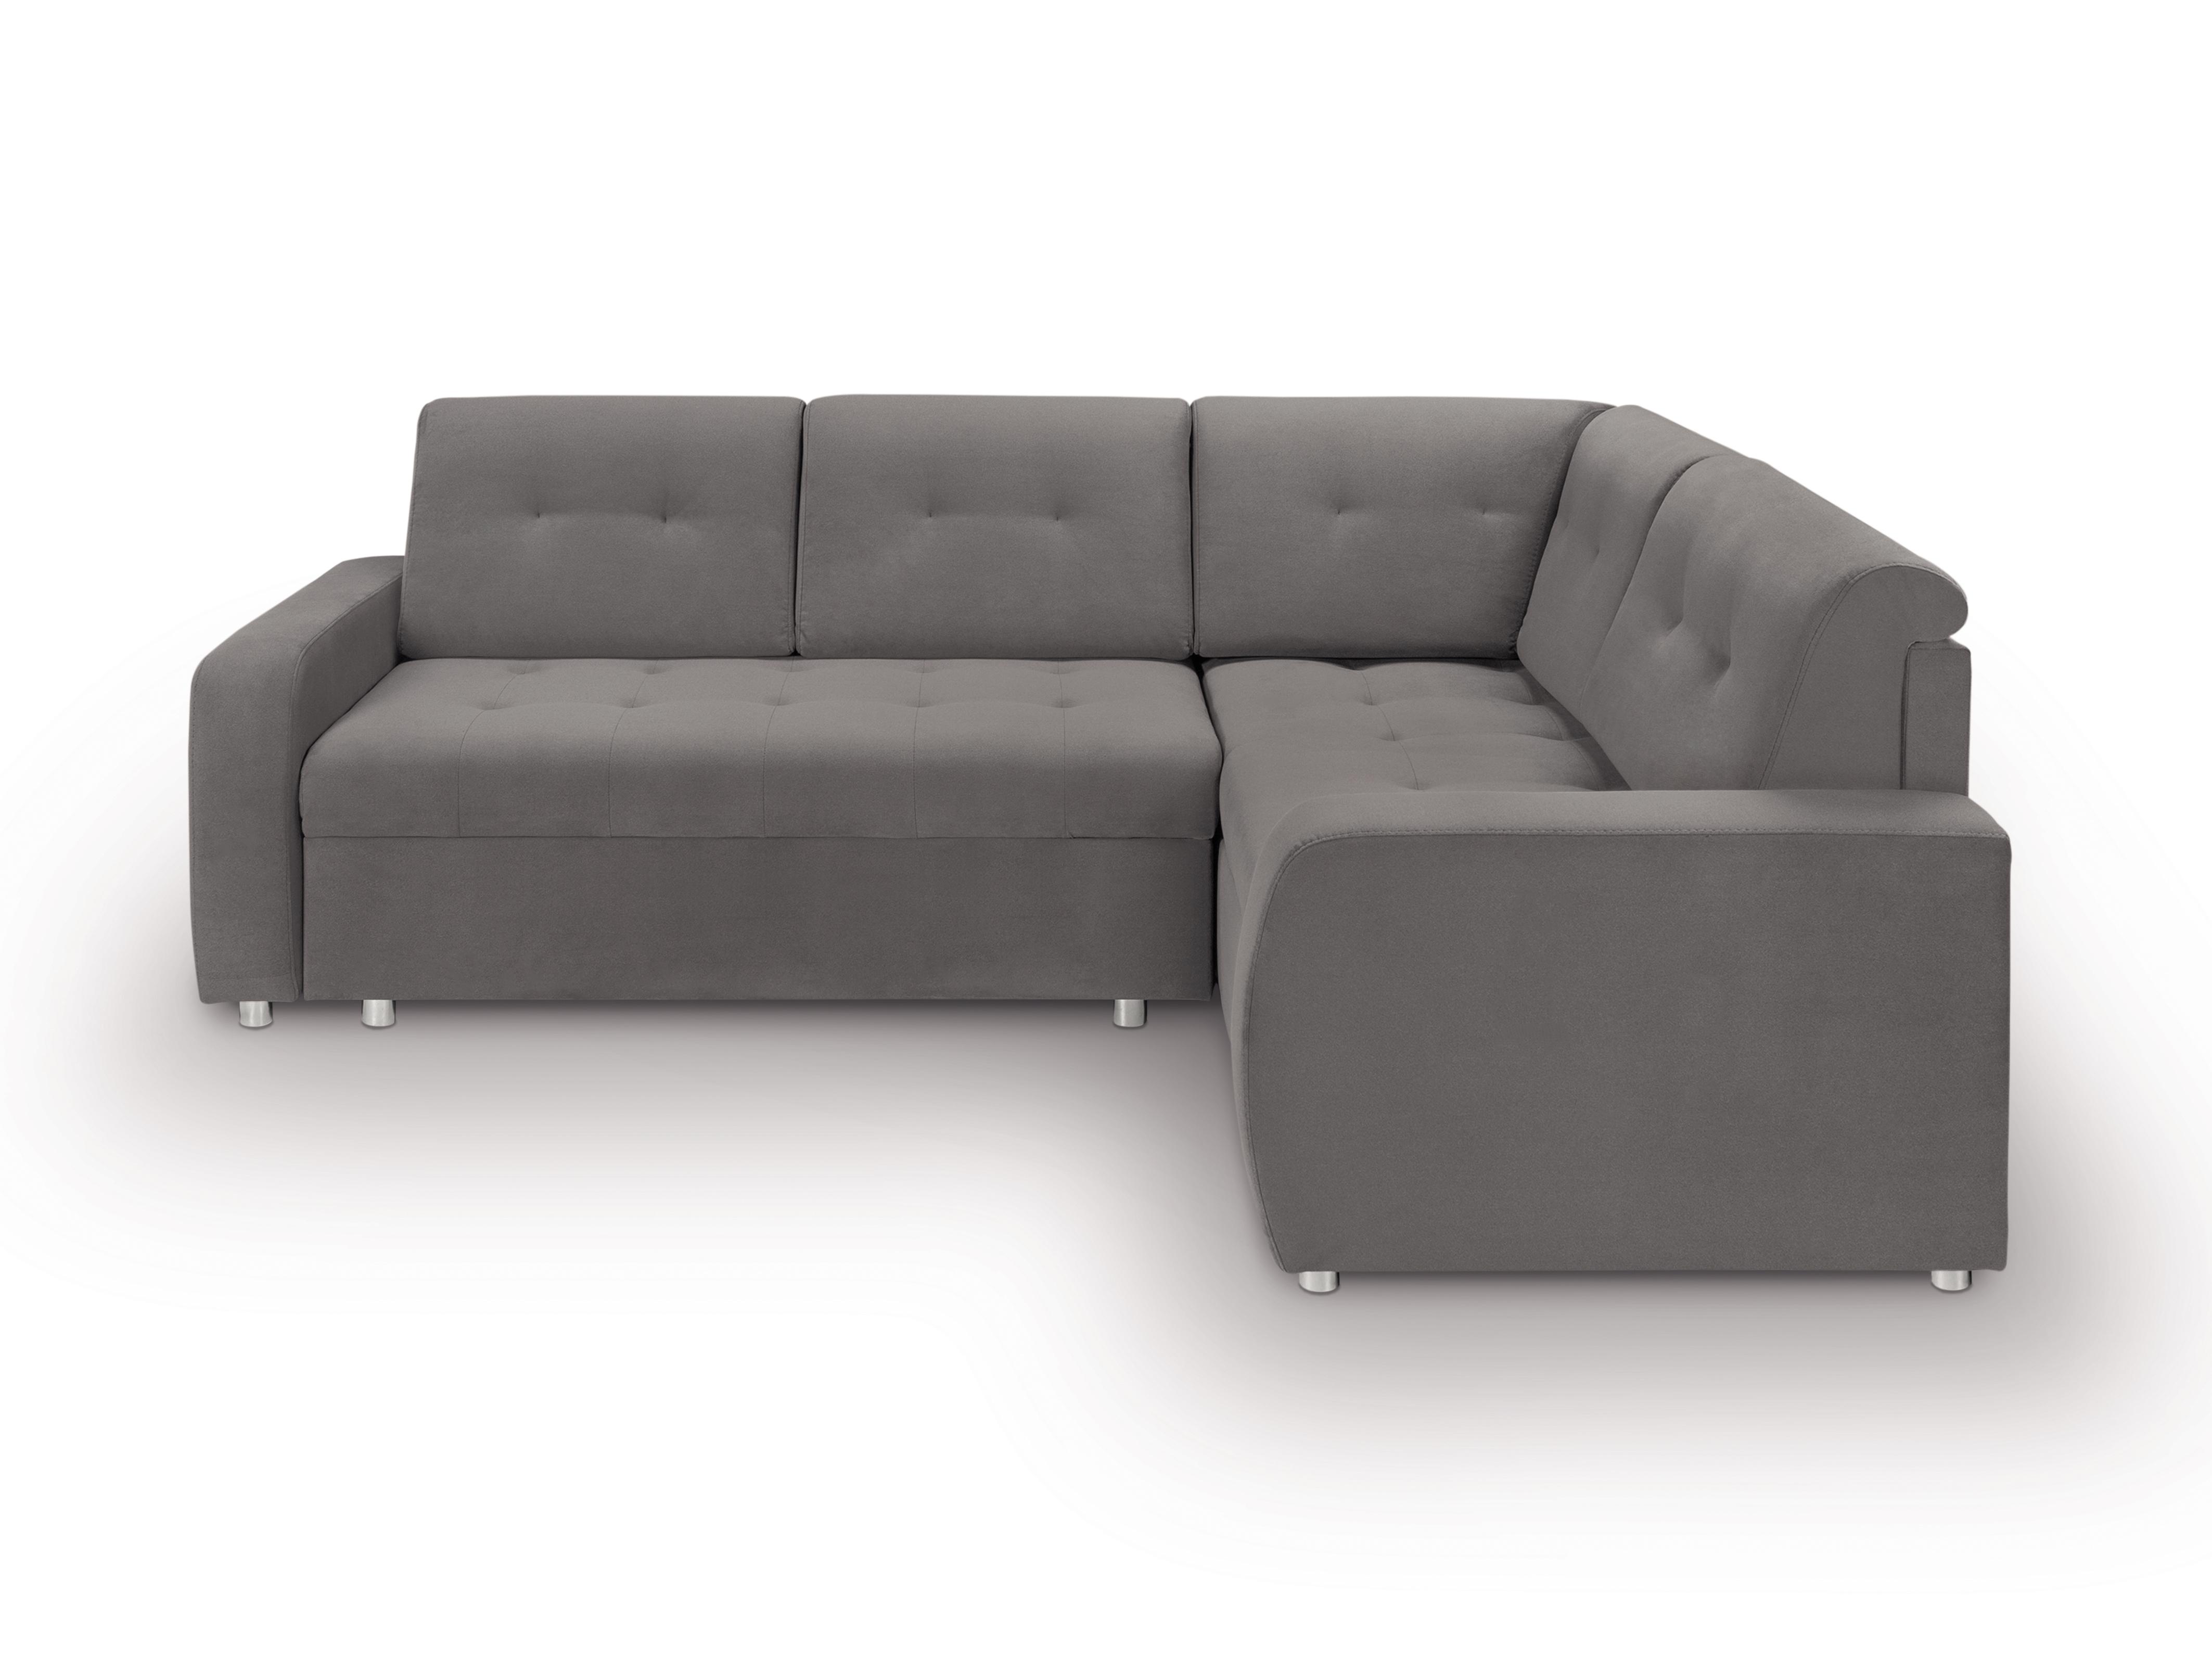 Rohová sedací souprava - BRW - Willy Lux 3DL RECBKMU (šedá) (P)